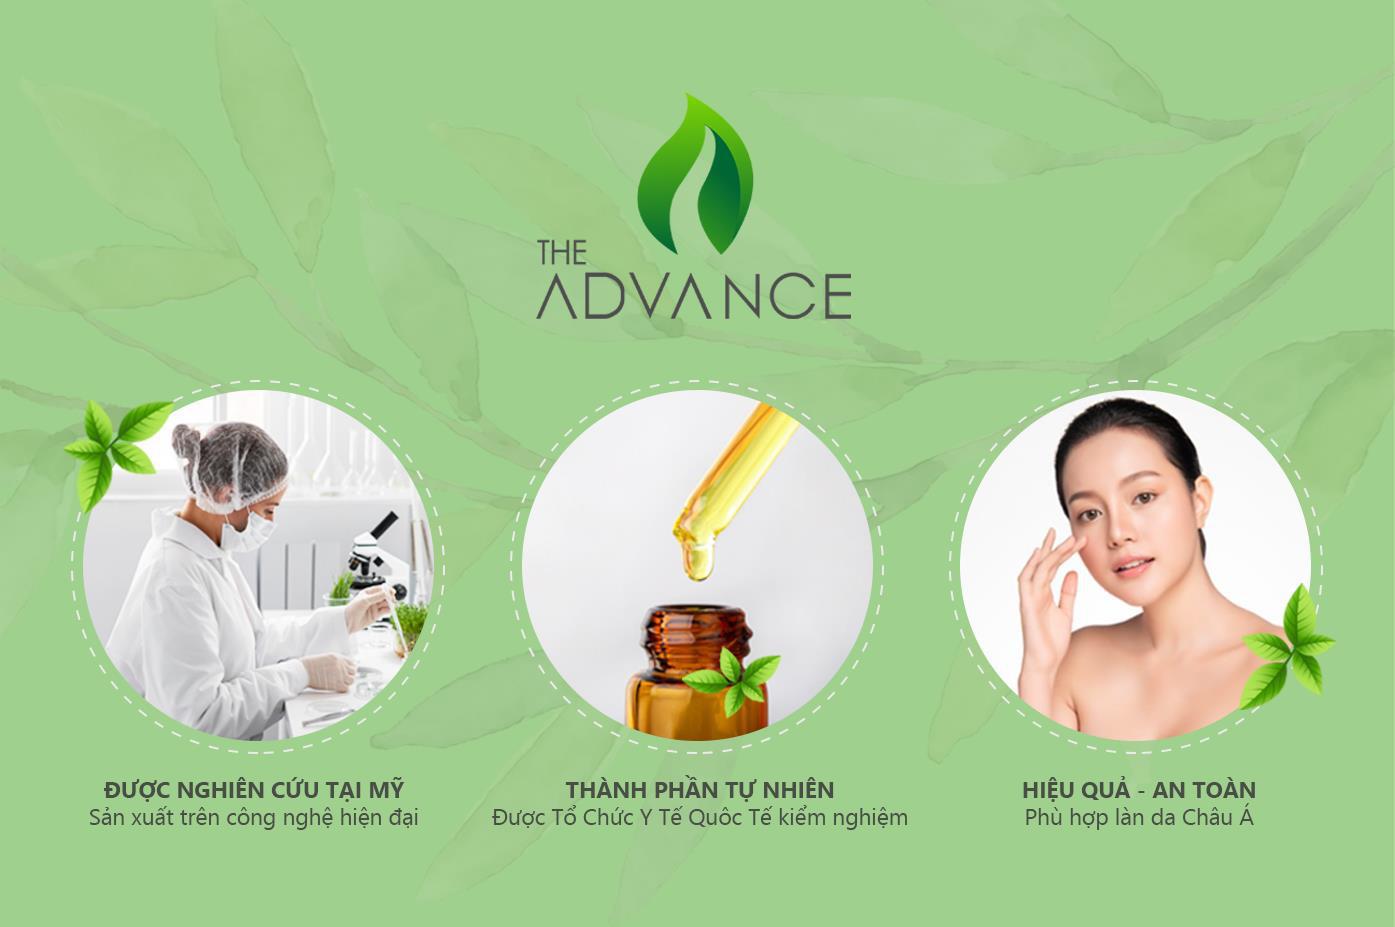 Xu hướng sử dụng dược mỹ phẩm thay thế mỹ phẩm thông thường của phụ nữ hiện đại - Ảnh 2.